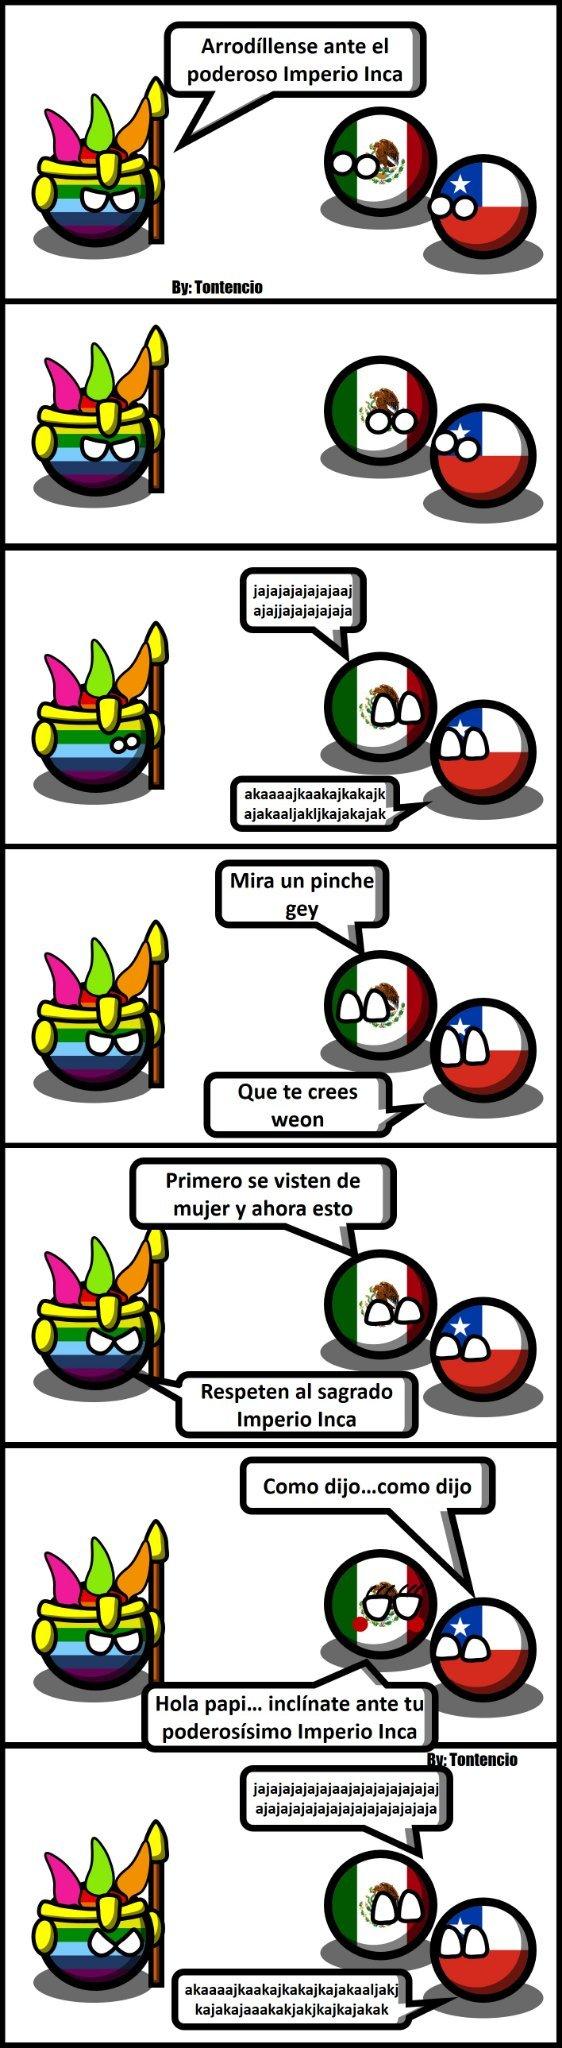 Imperio Inca - meme